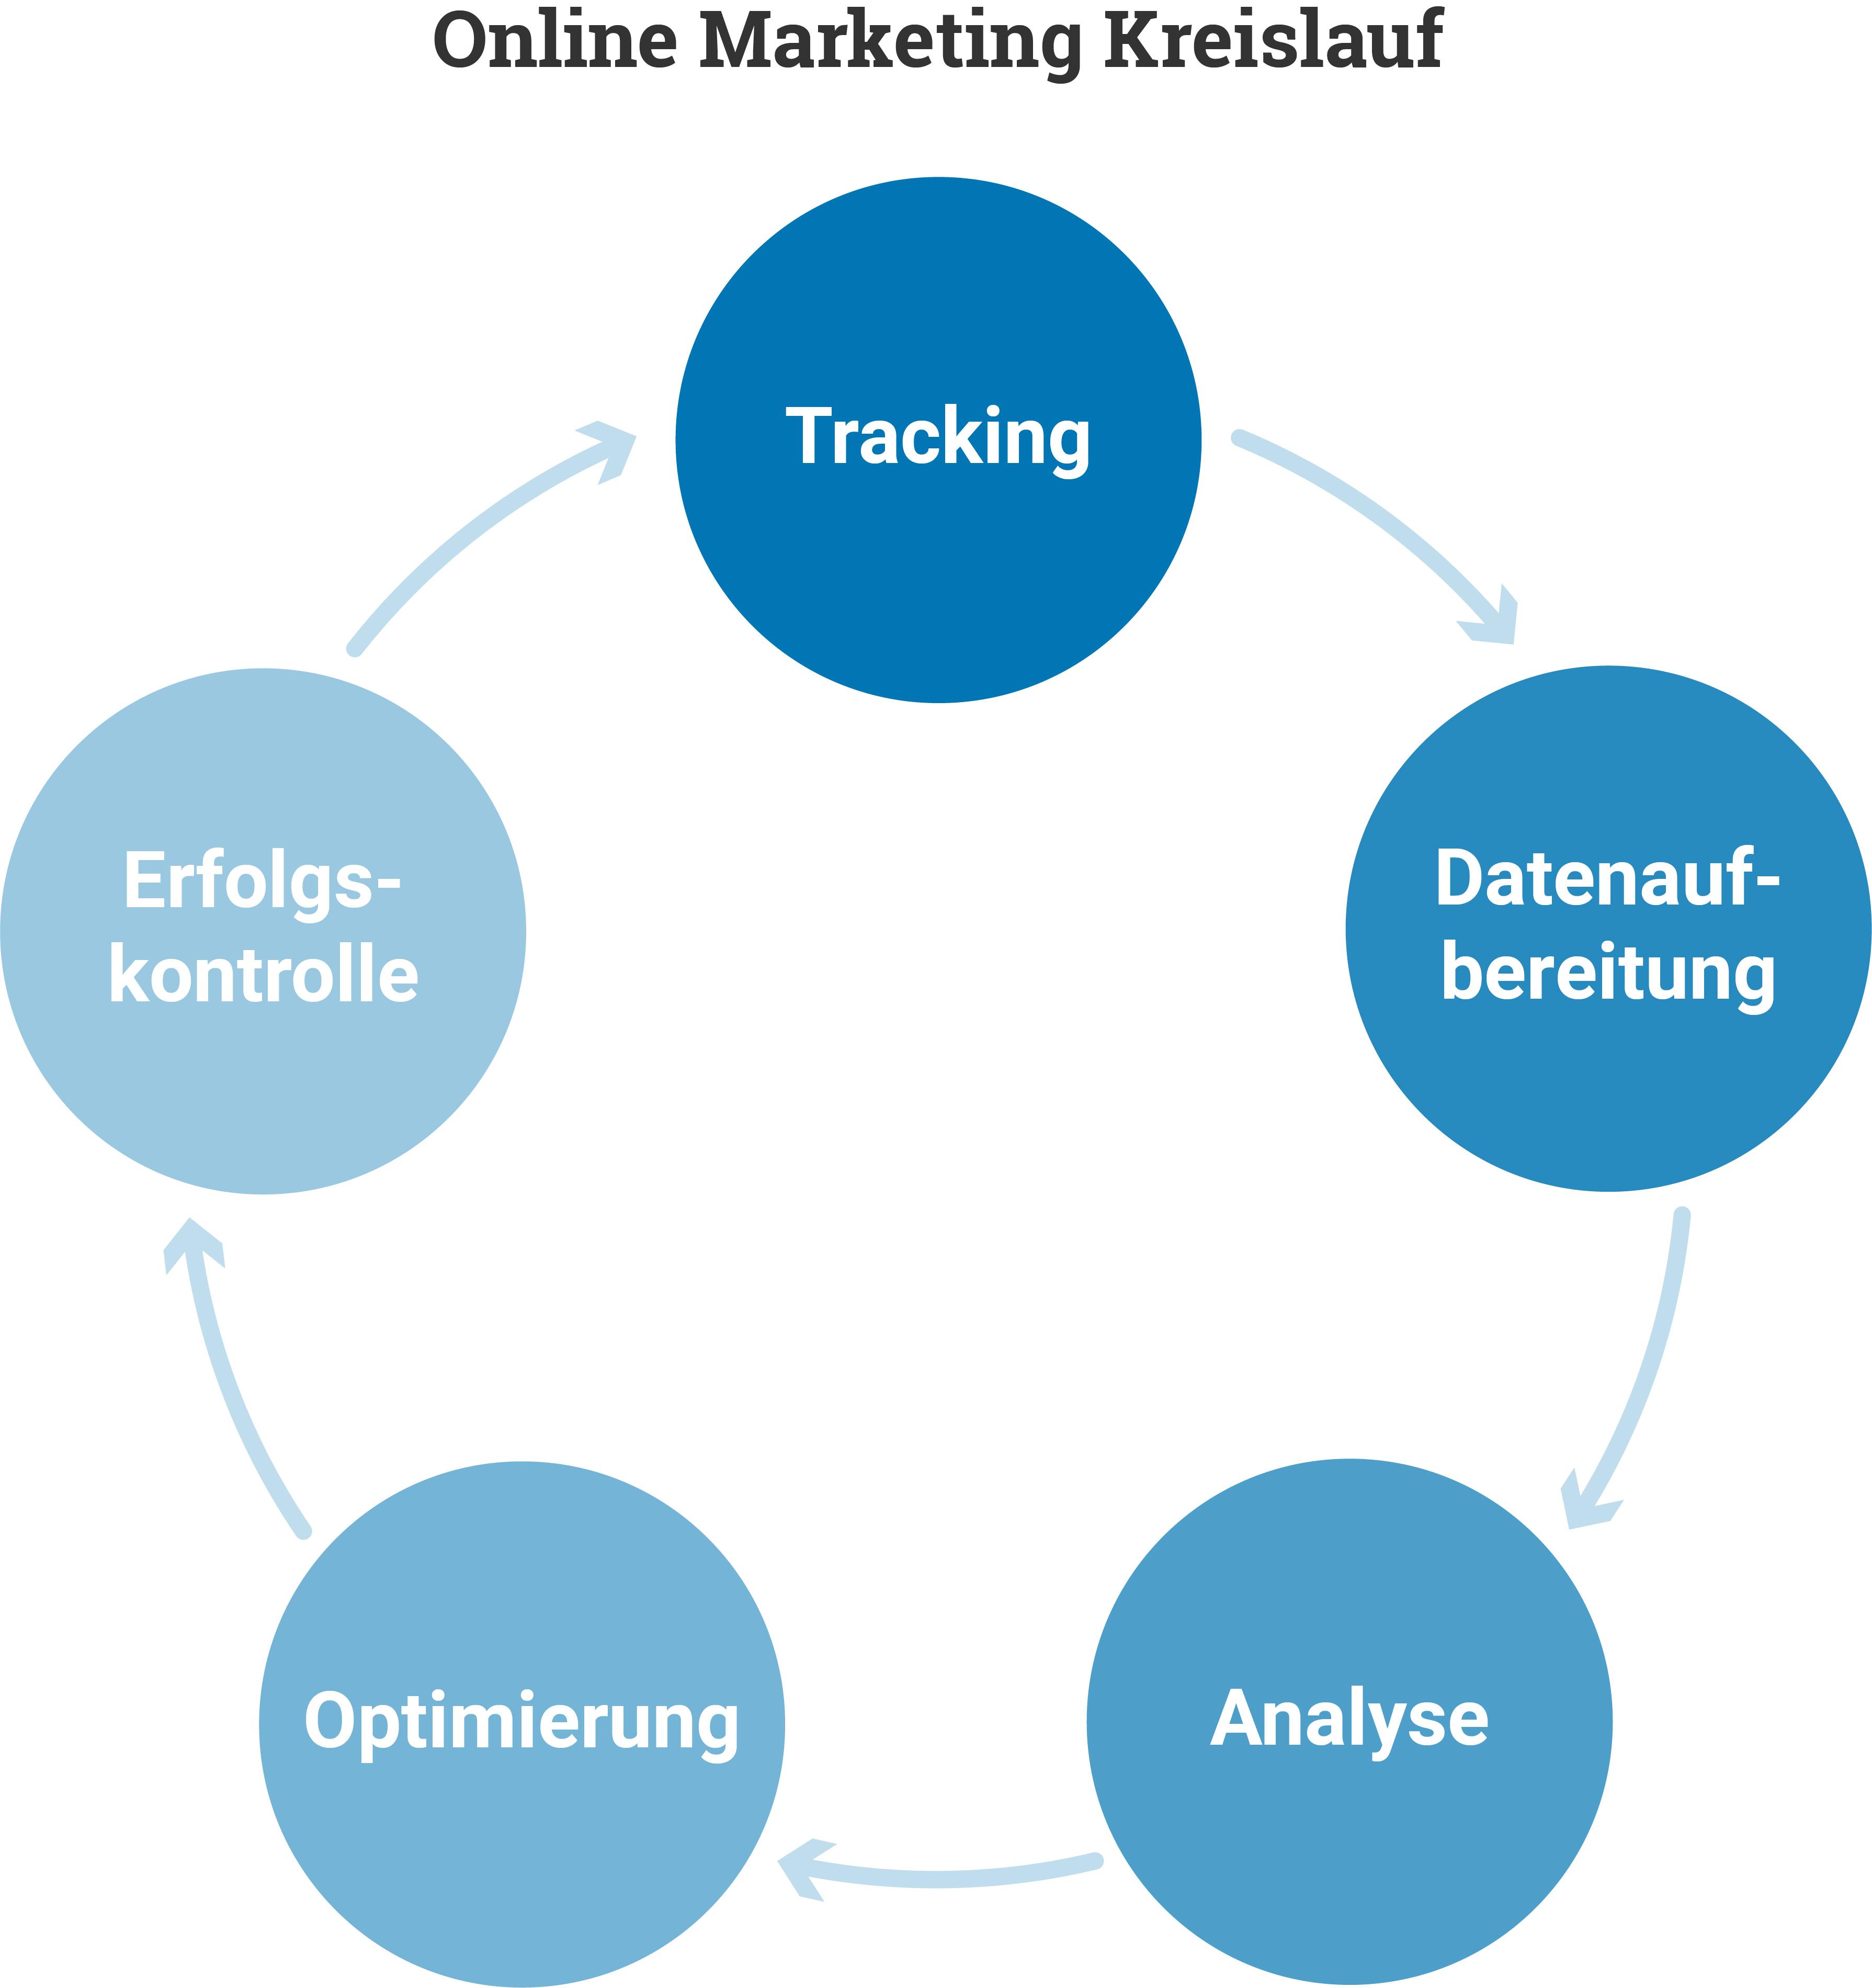 Online Marketing Kreislauf